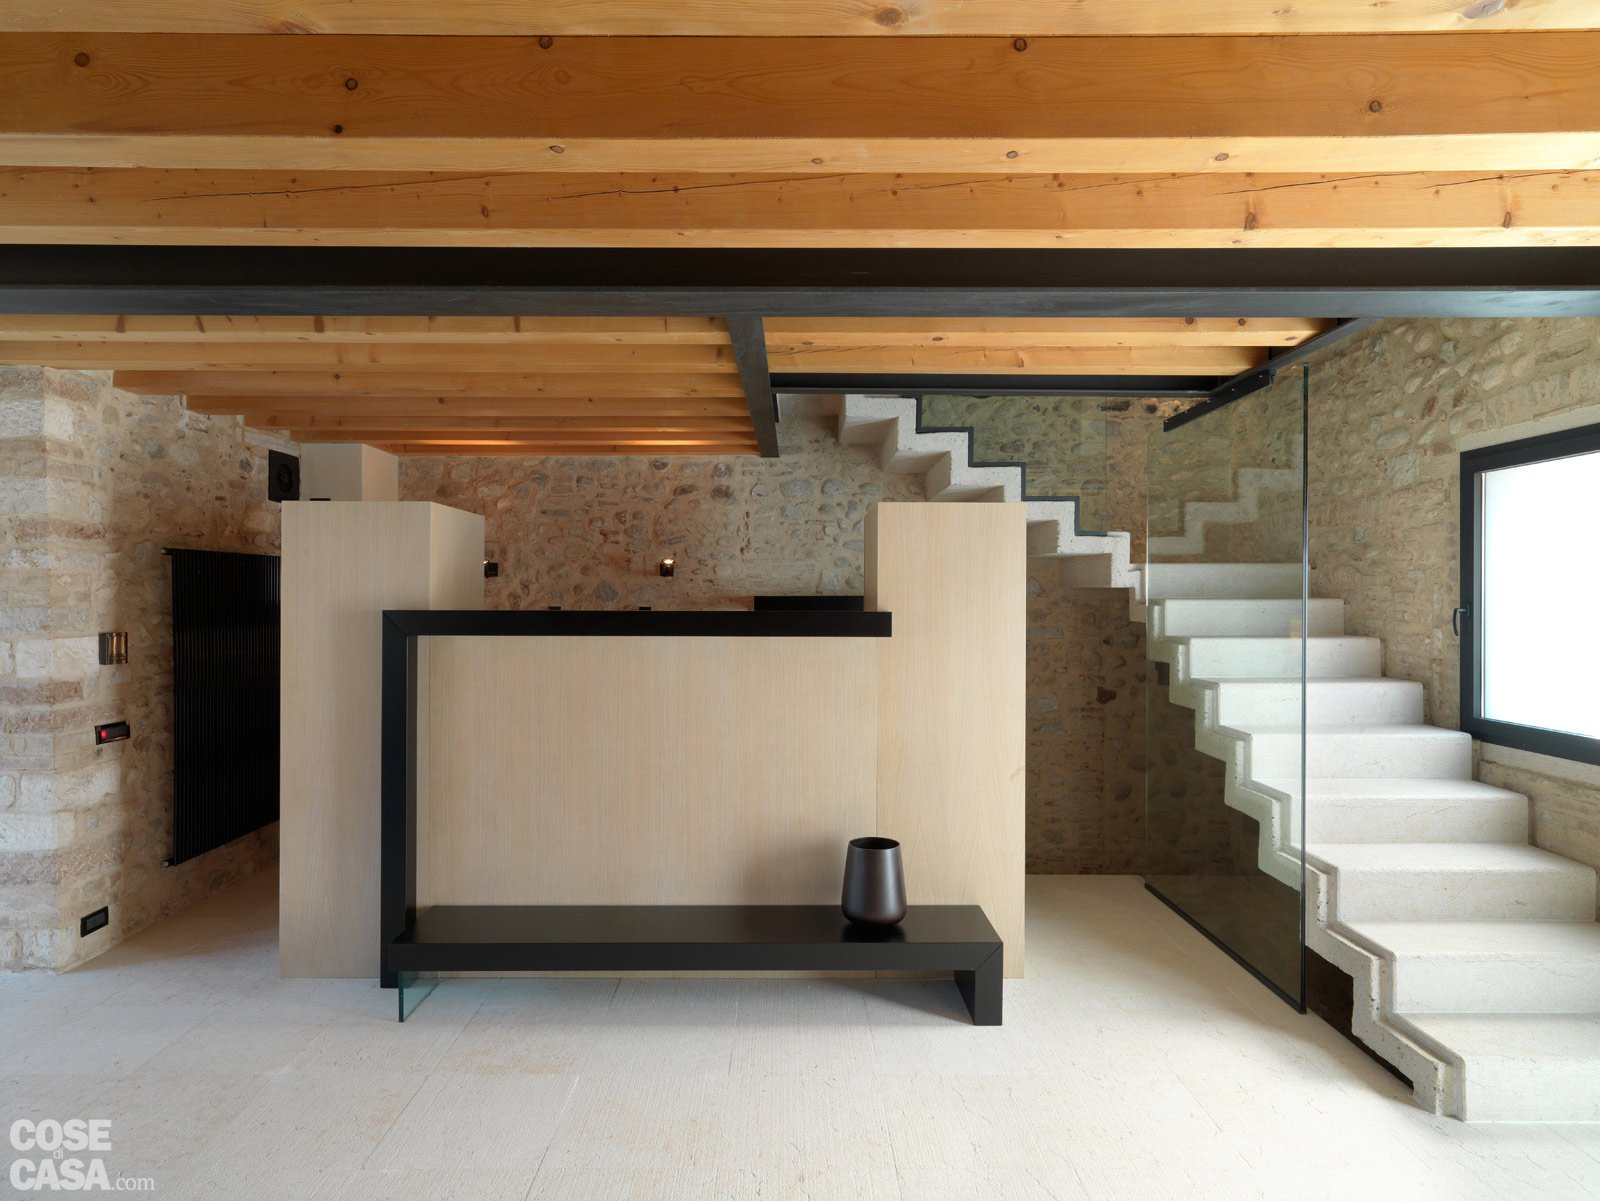 Legno e pietra a vista nella casa restaurata - Cose di Casa